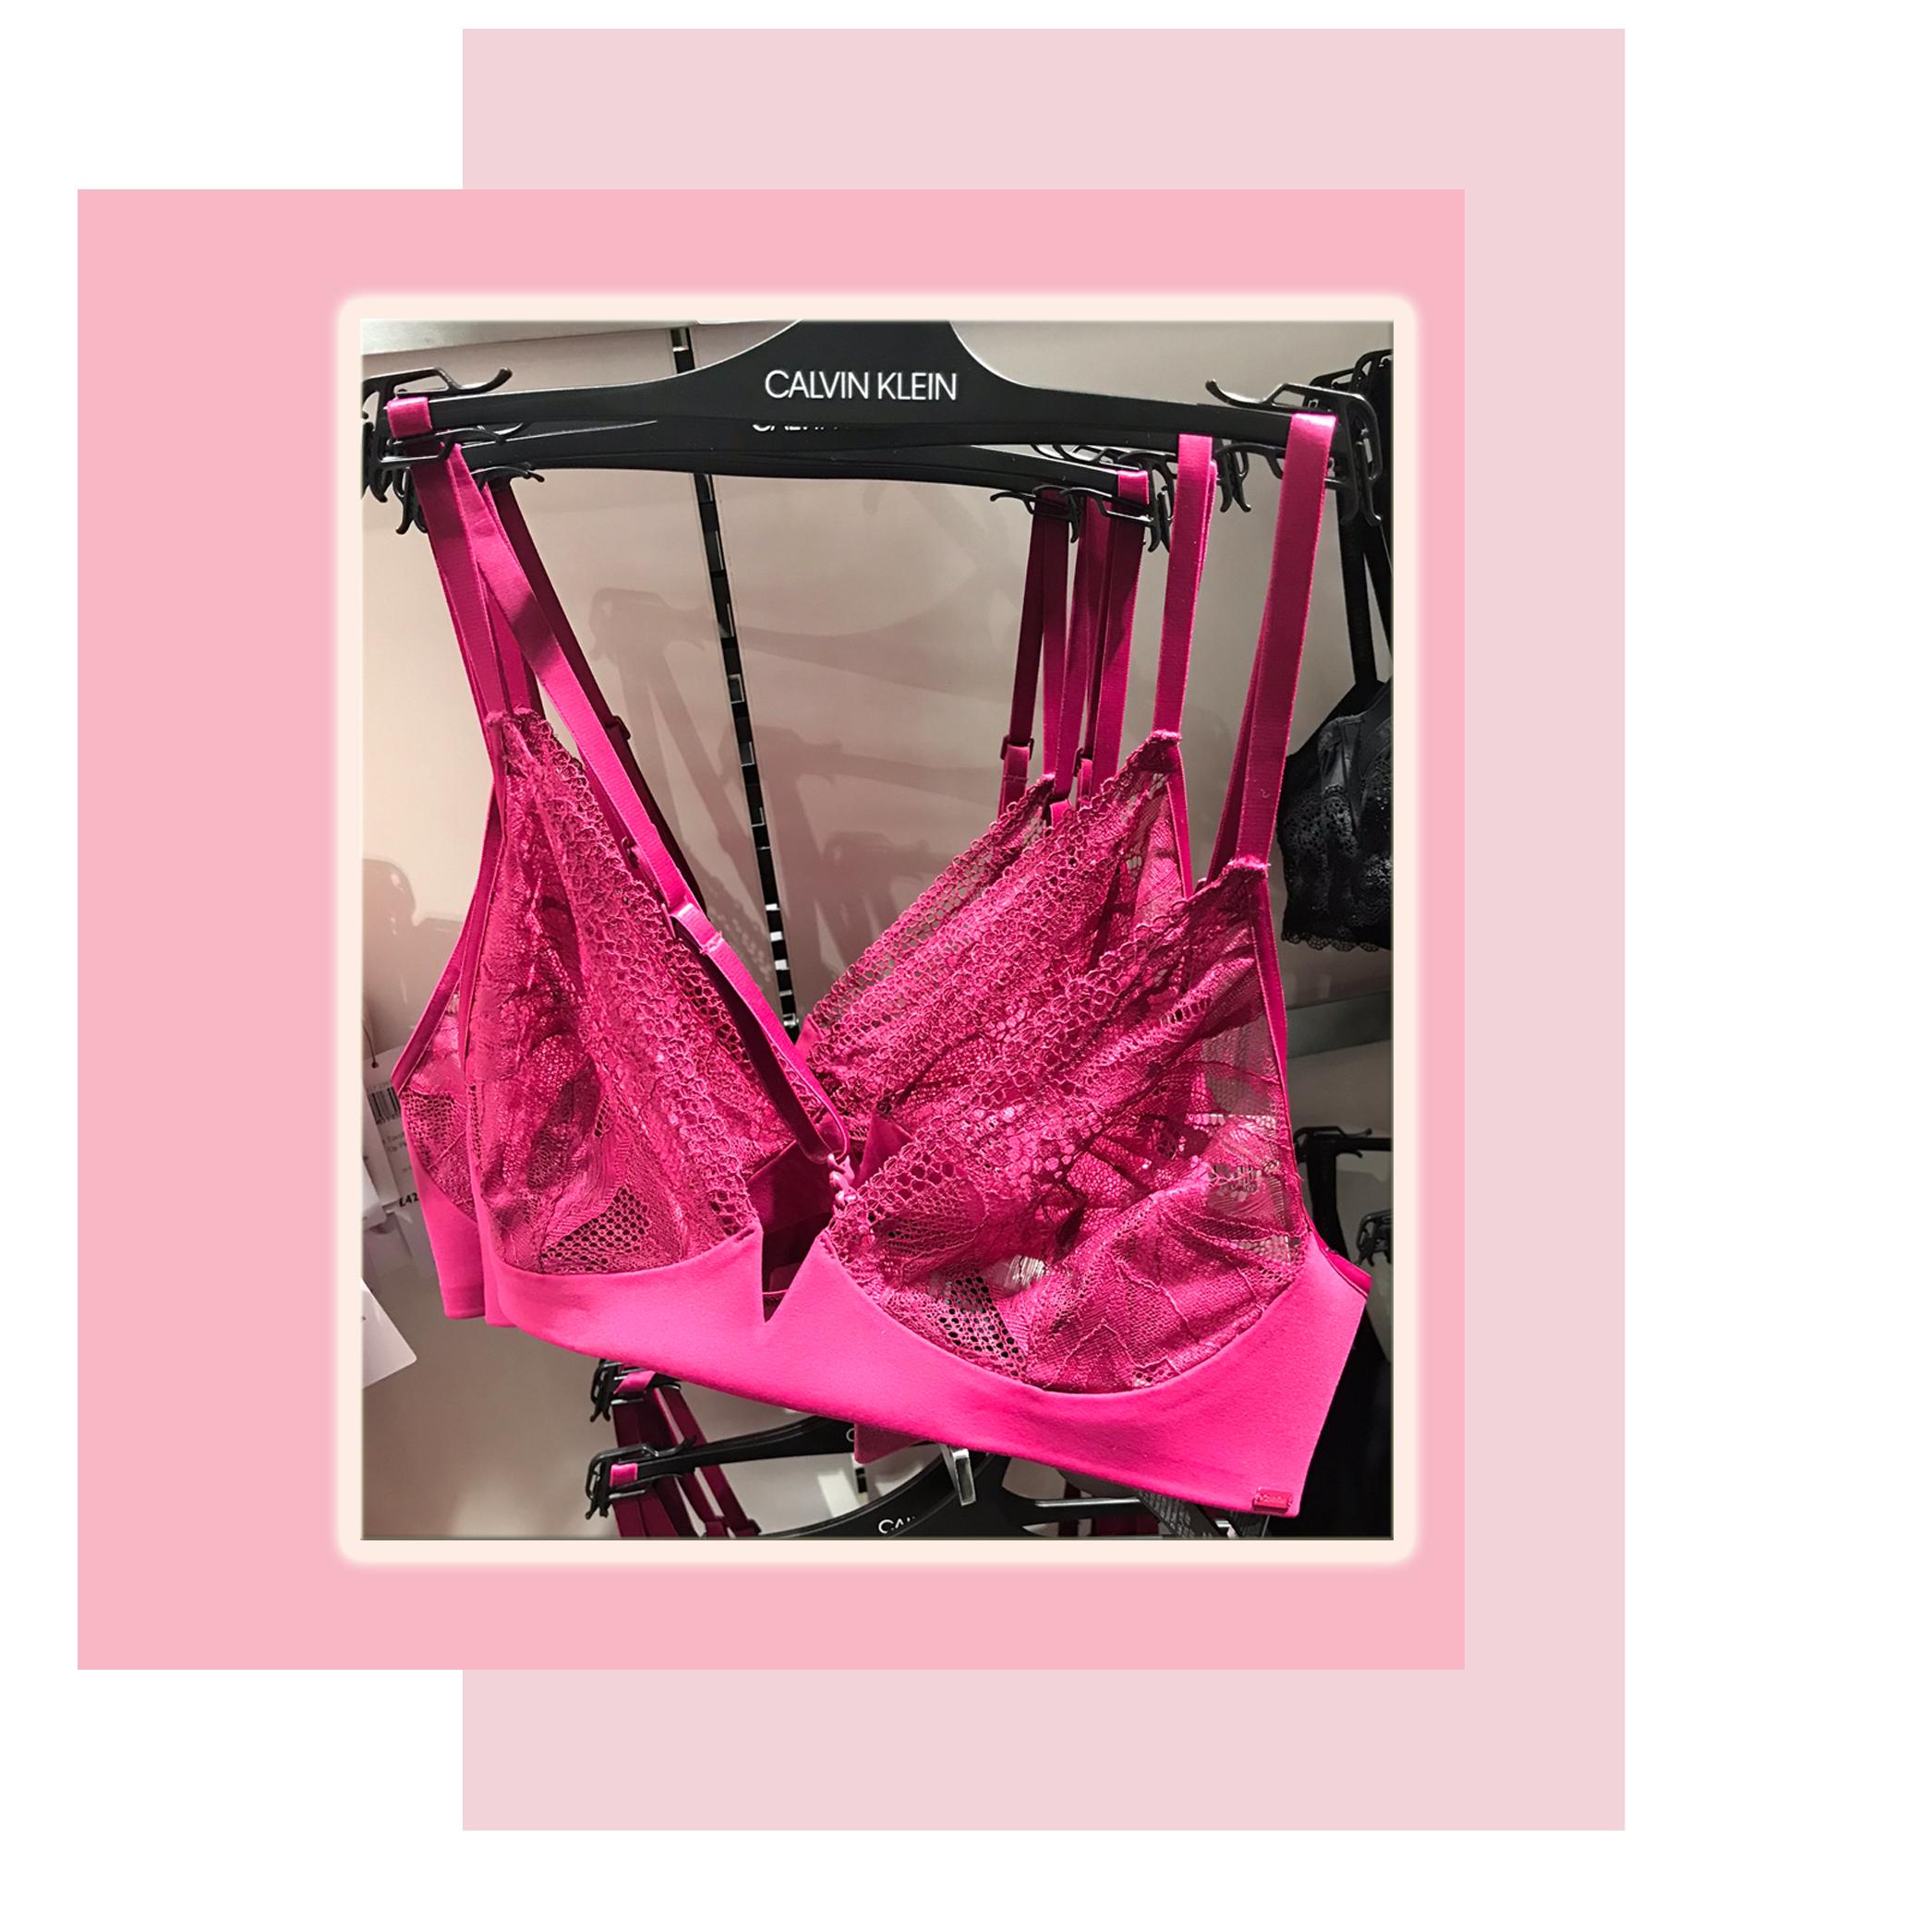 Calvin Klein Petal Lace bra £48